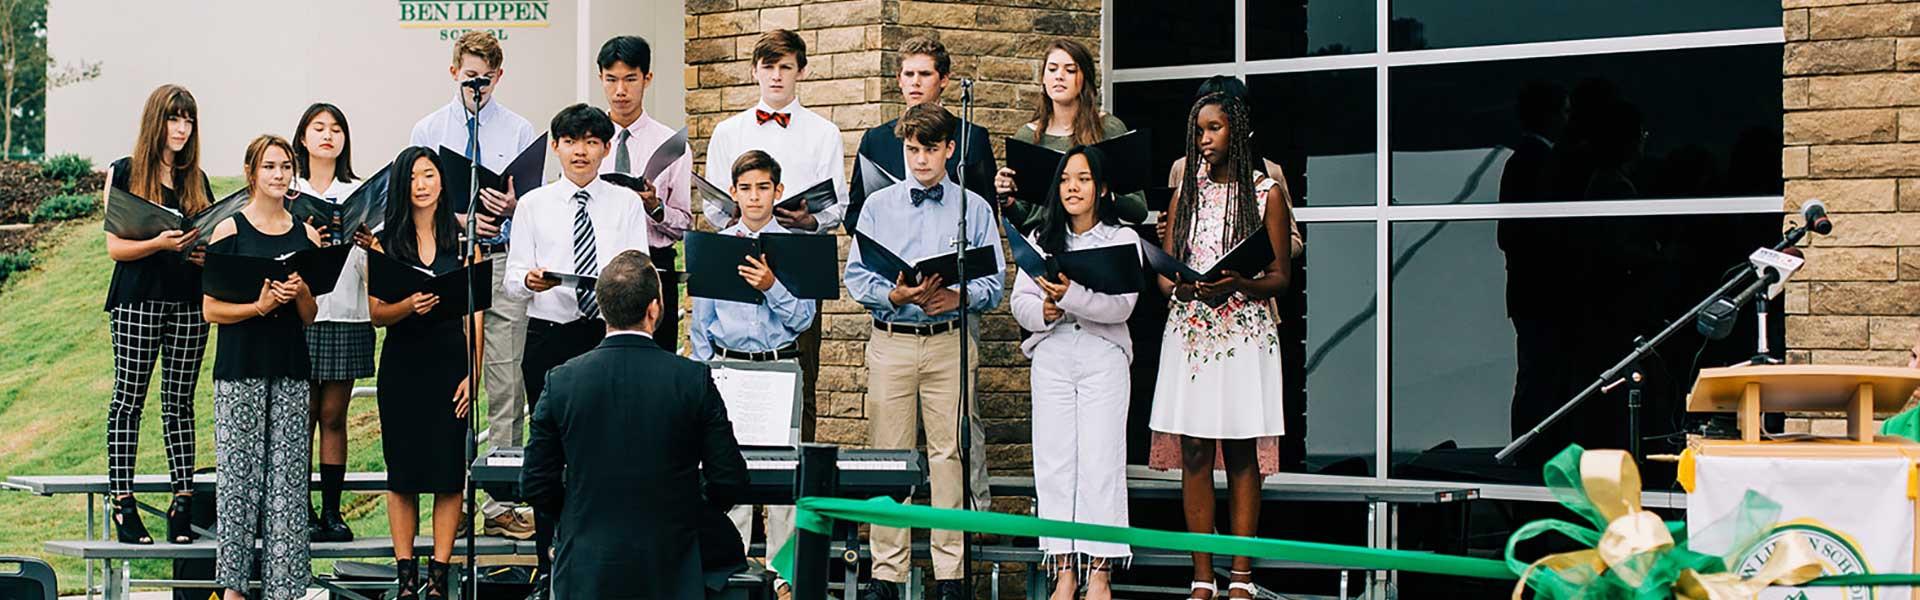 BenLippen-USA-SC-Choir-Banner